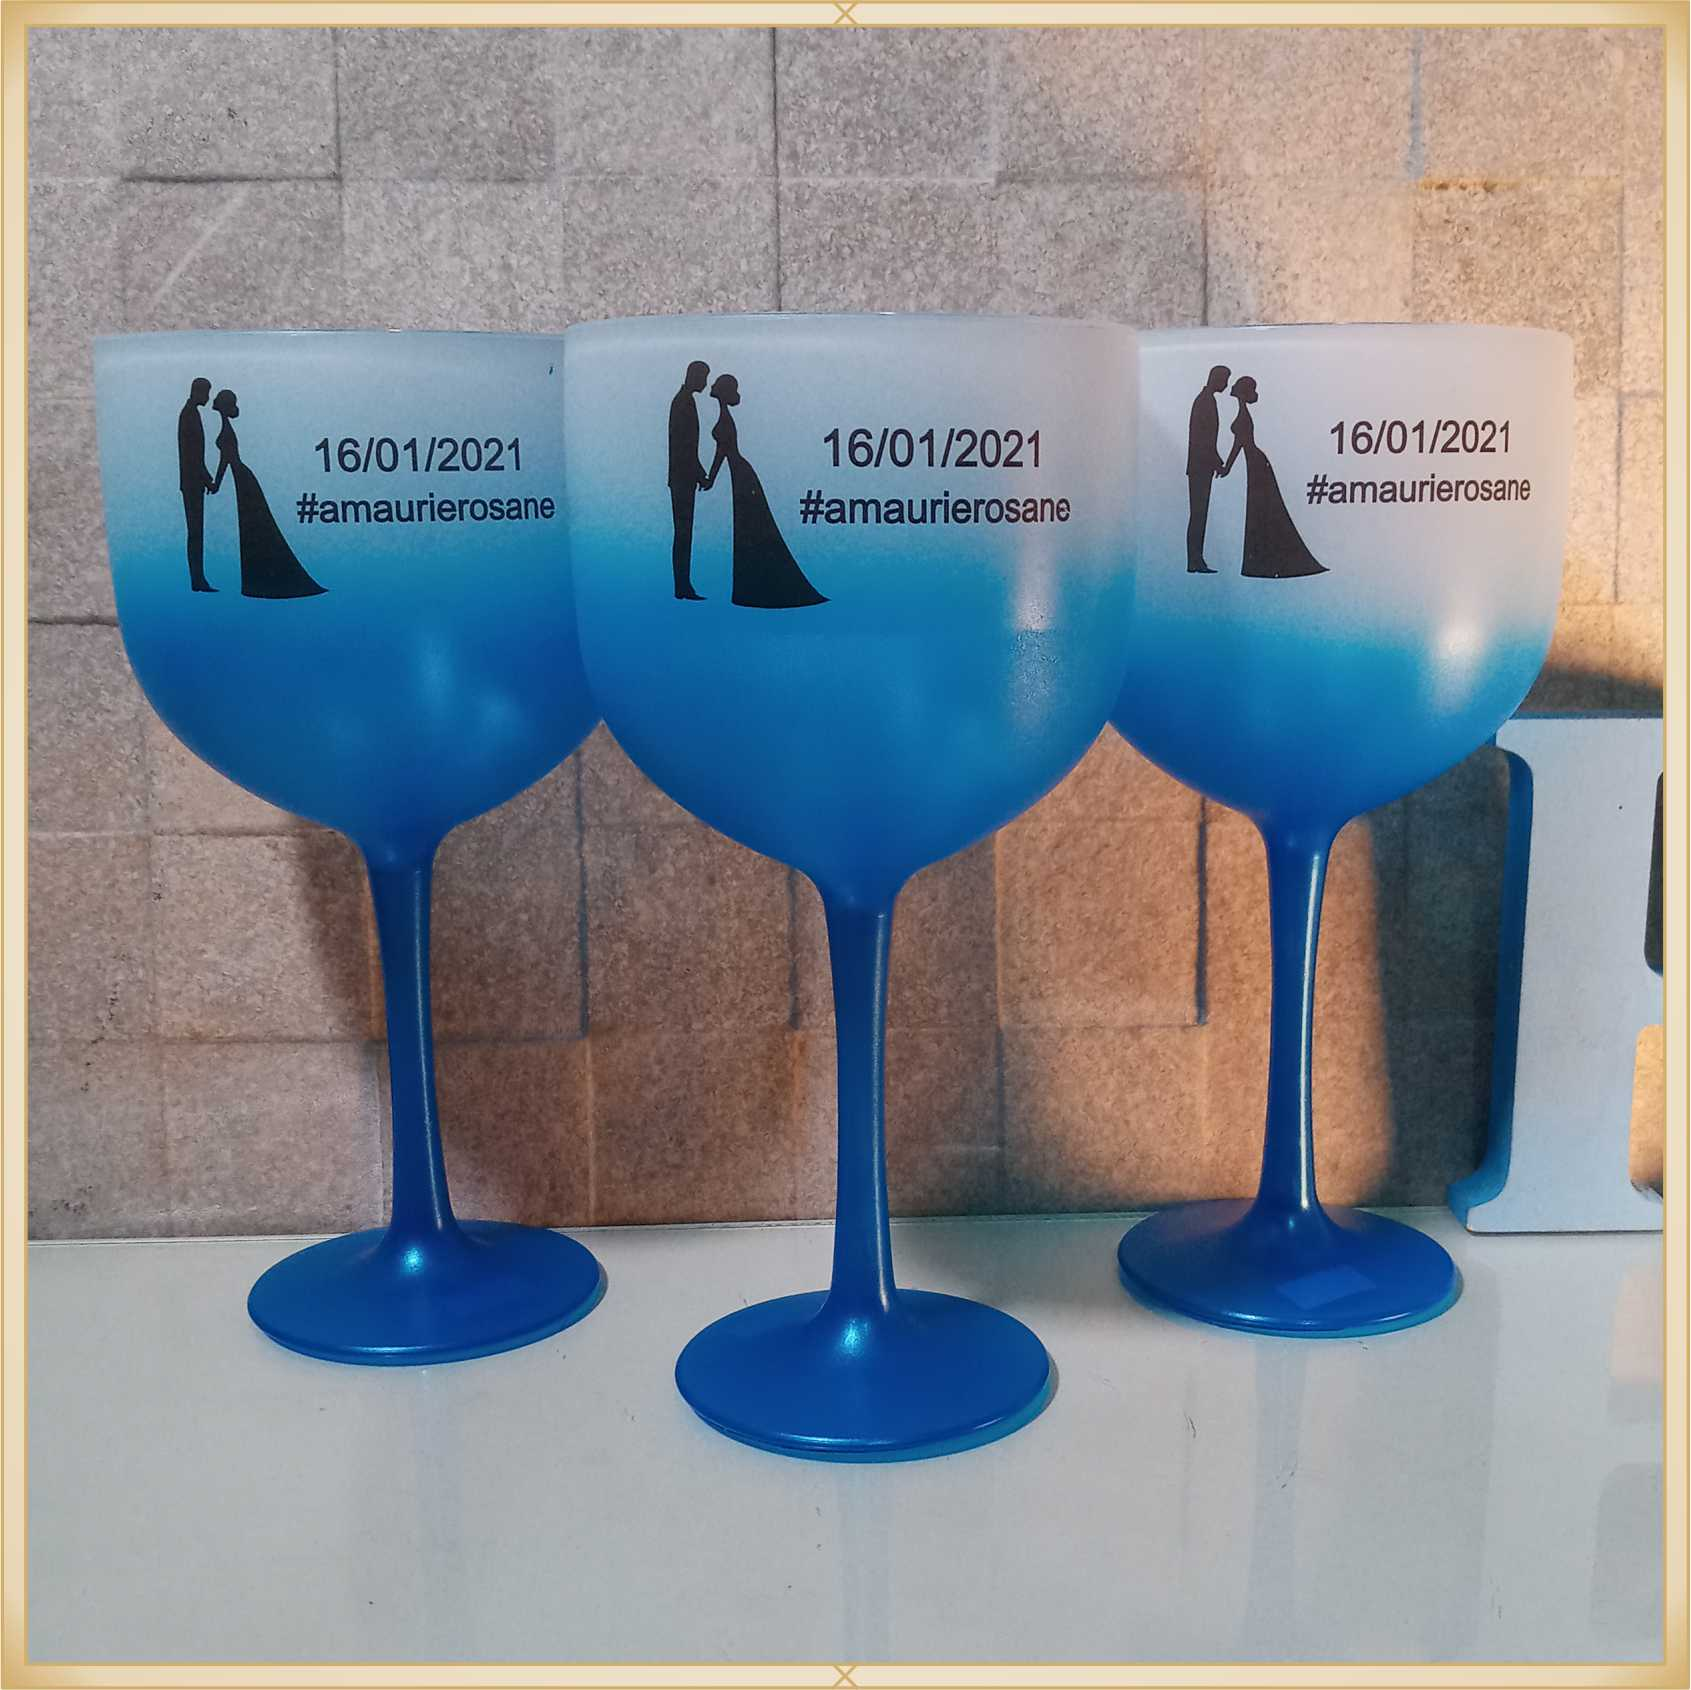 Taça de gin Degrade personalizada Casamento - produto de alta qualidade, brilhante, ótimo acabamento, parede 2,5 mm, material atóxico, 580 ml.